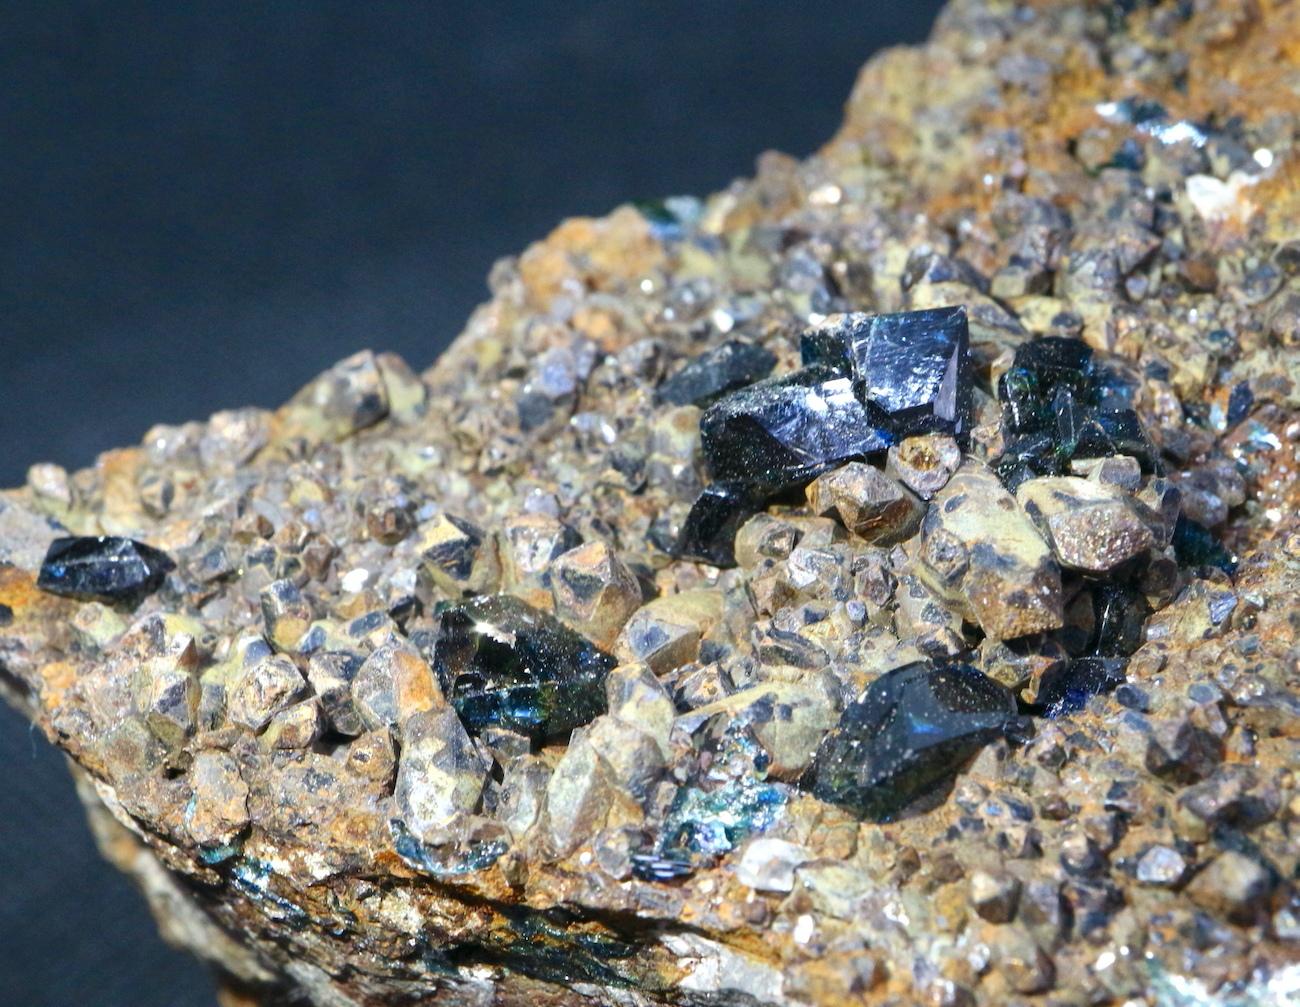 ラズライト天藍石 Lazulite カナダ産 550g LZL002  鉱物 天然石 パワーストーン 原石